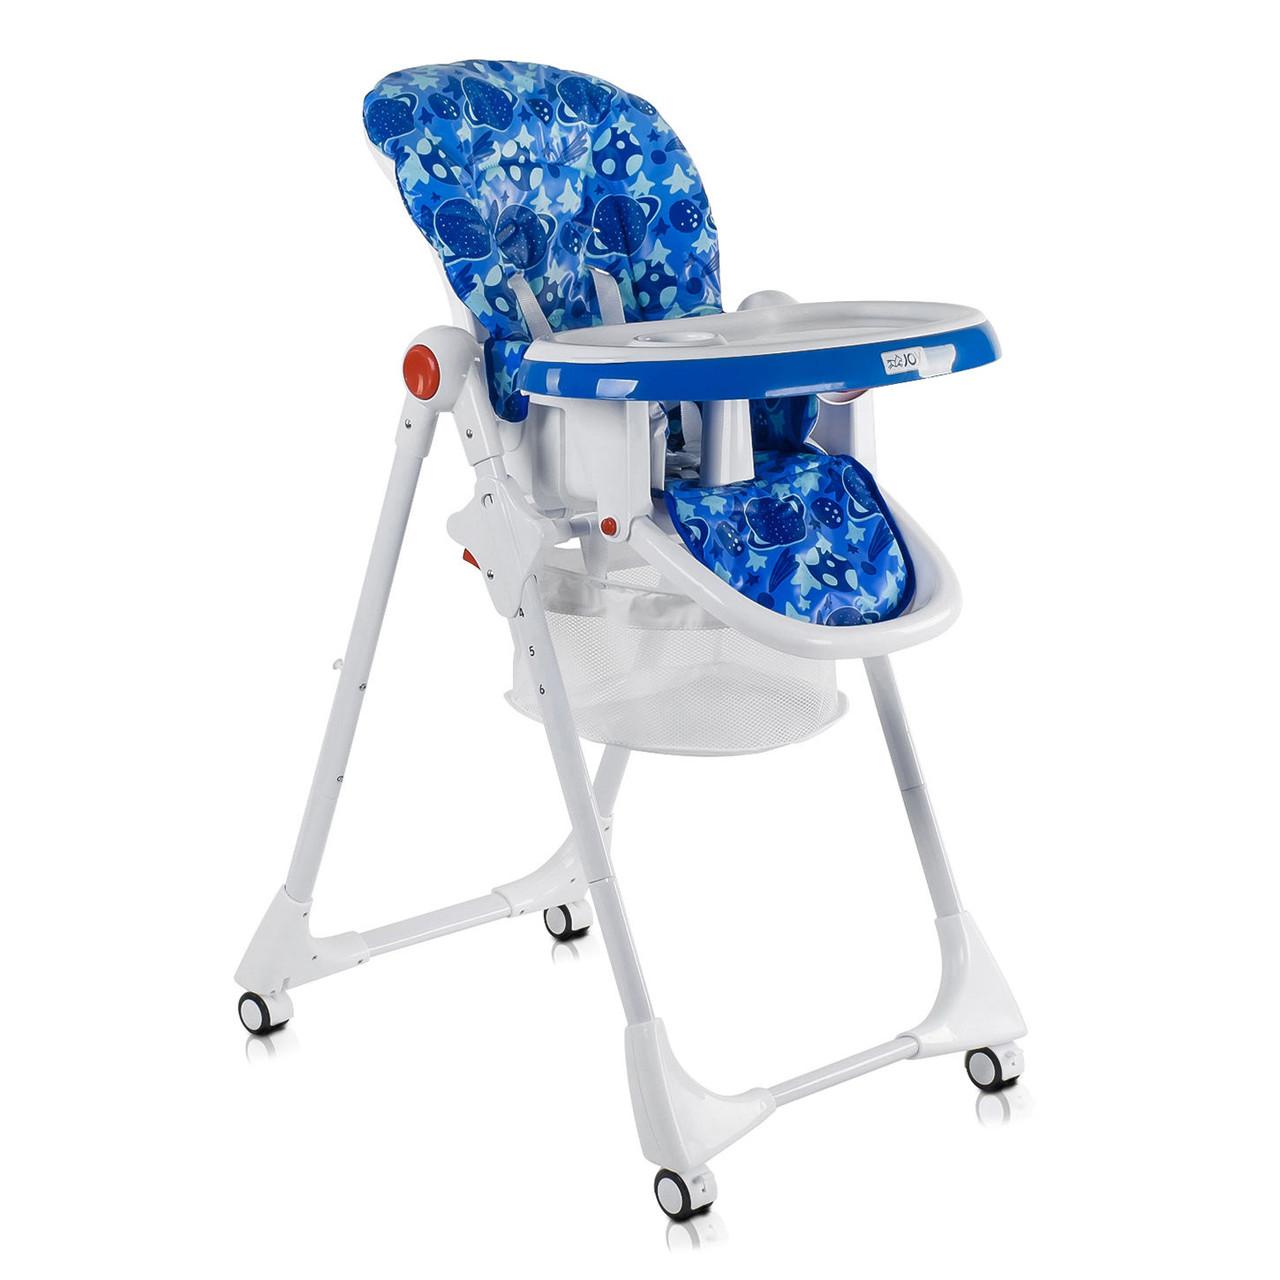 Детский стульчик для кормления JOY К-22810 Космос Цвет бело-синий Мягкий PVC Быстрая доставка